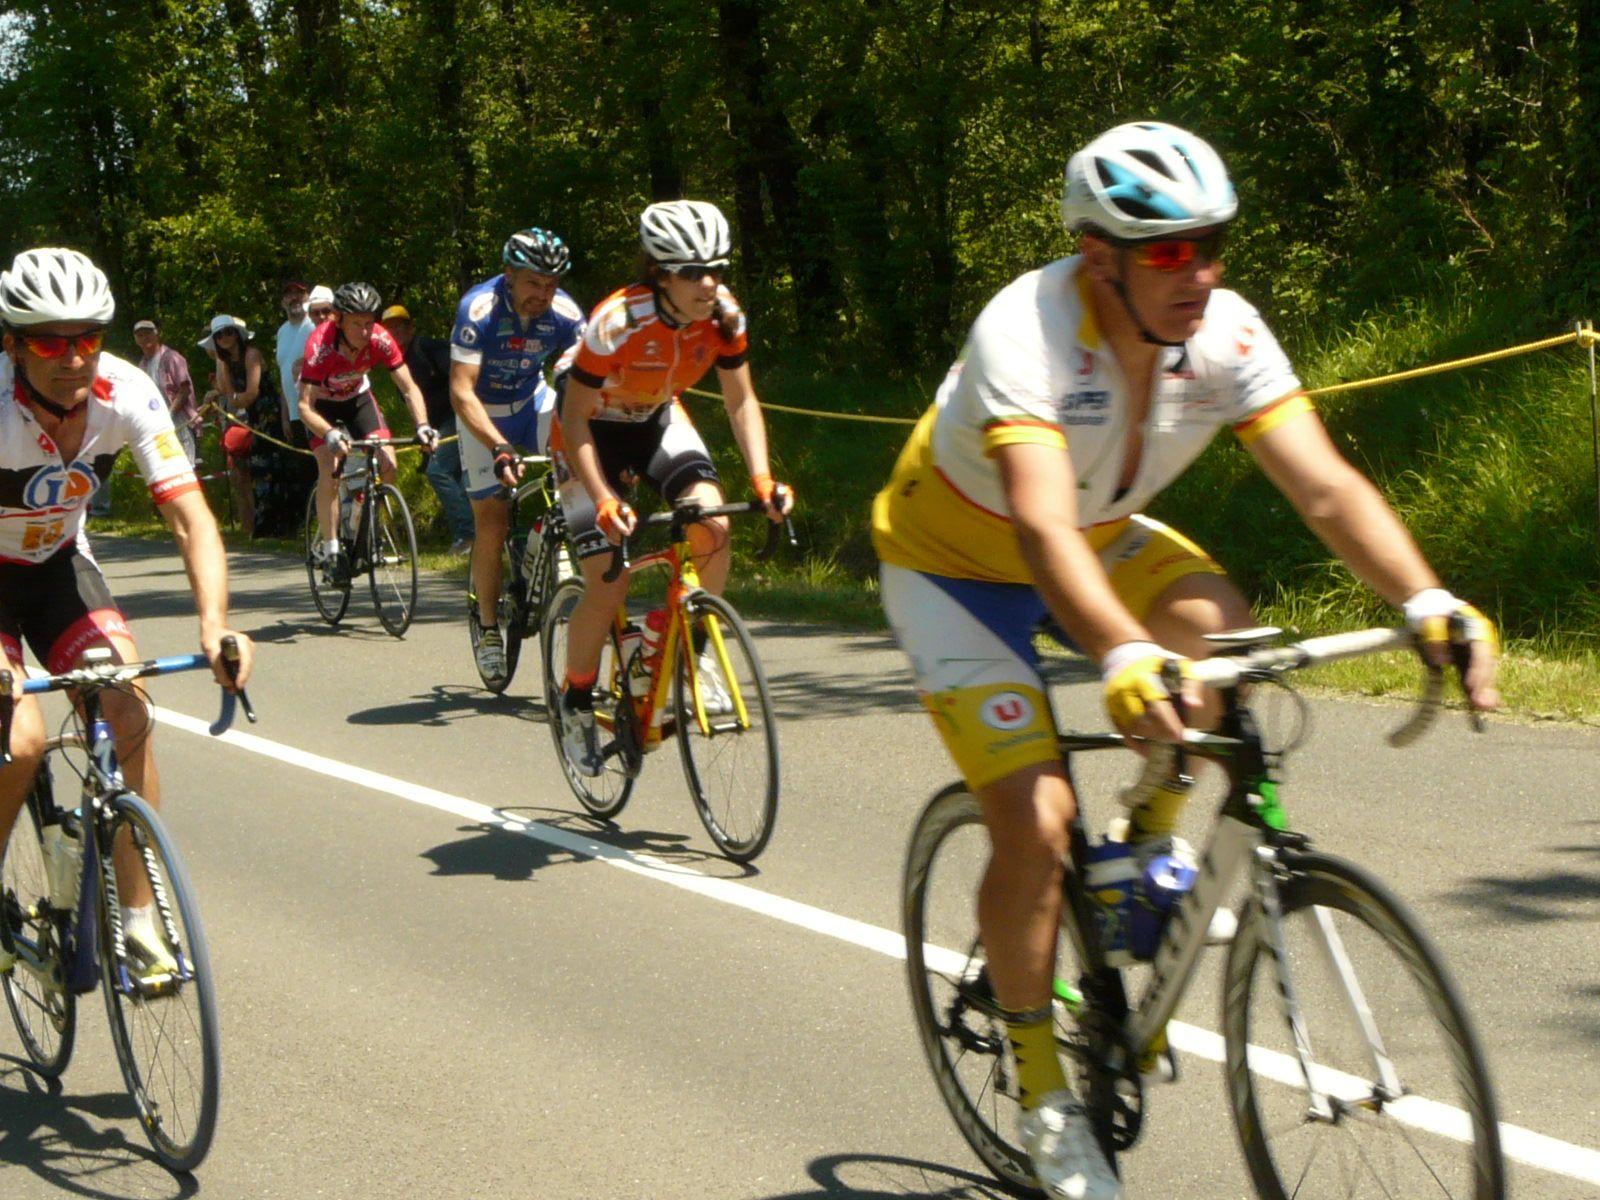 5 exideuillais au championnat départemental cyclosport UFOLEP et un podium